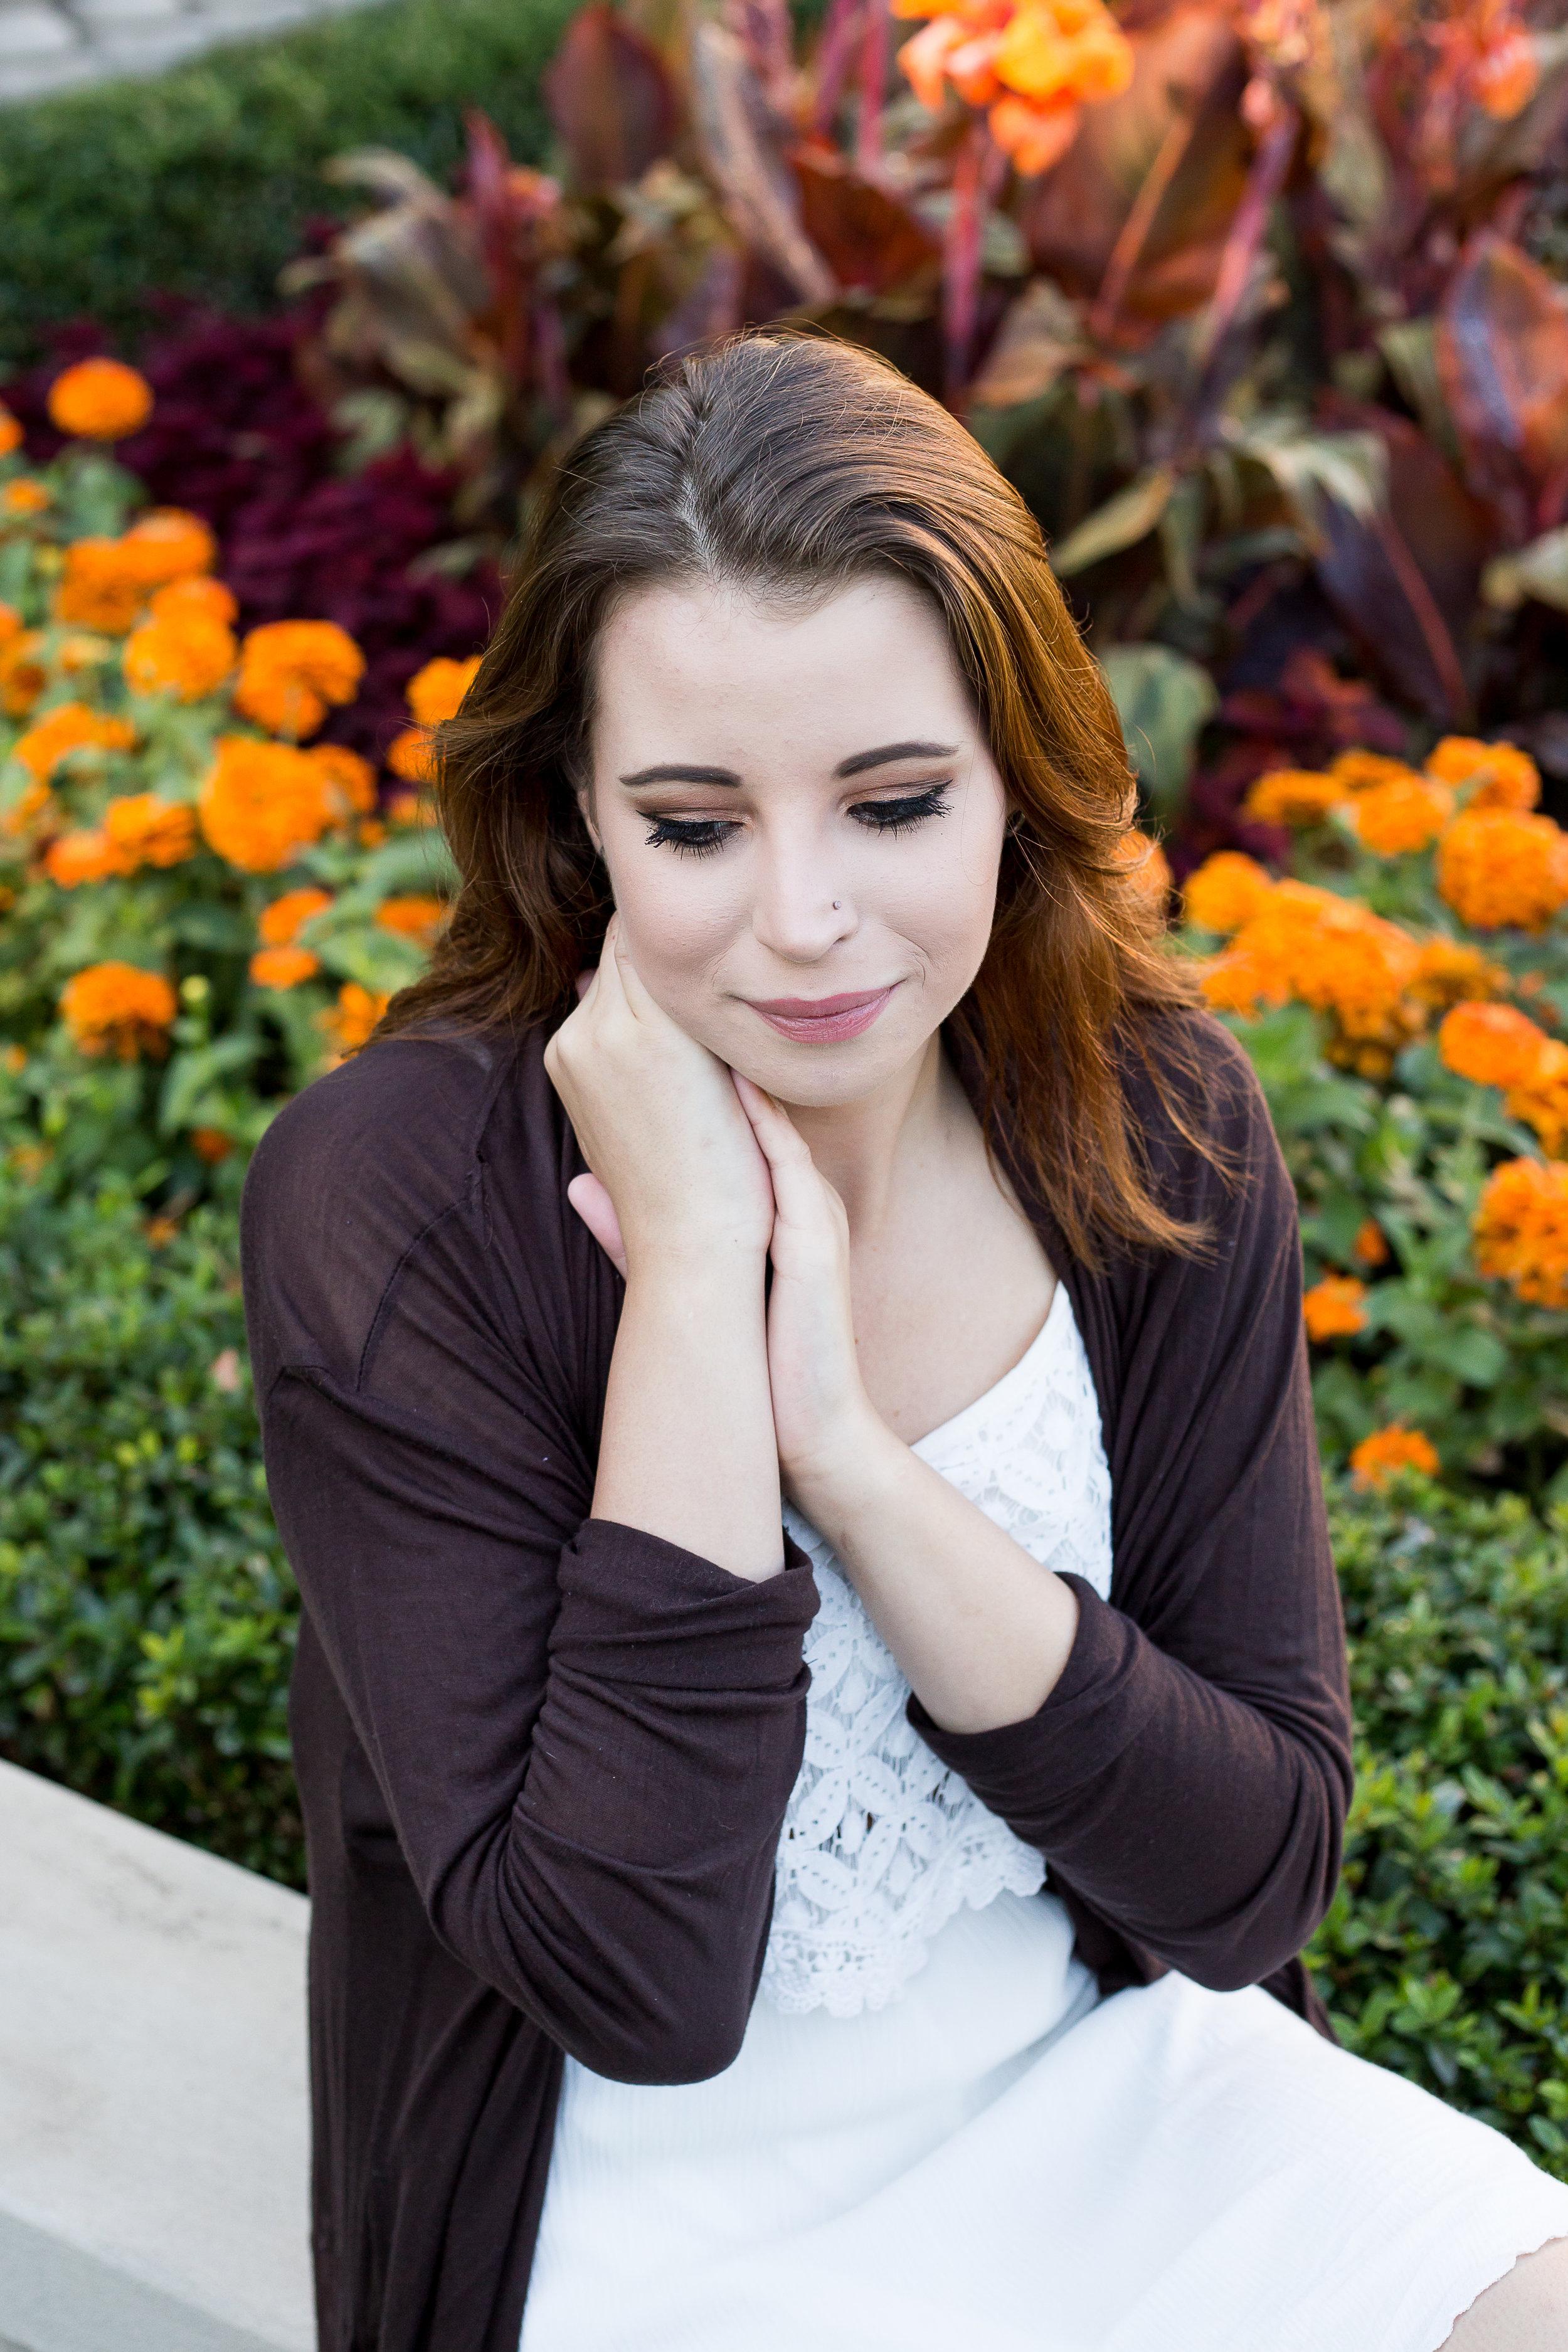 Alaina Colorado Springs Senior Portraits